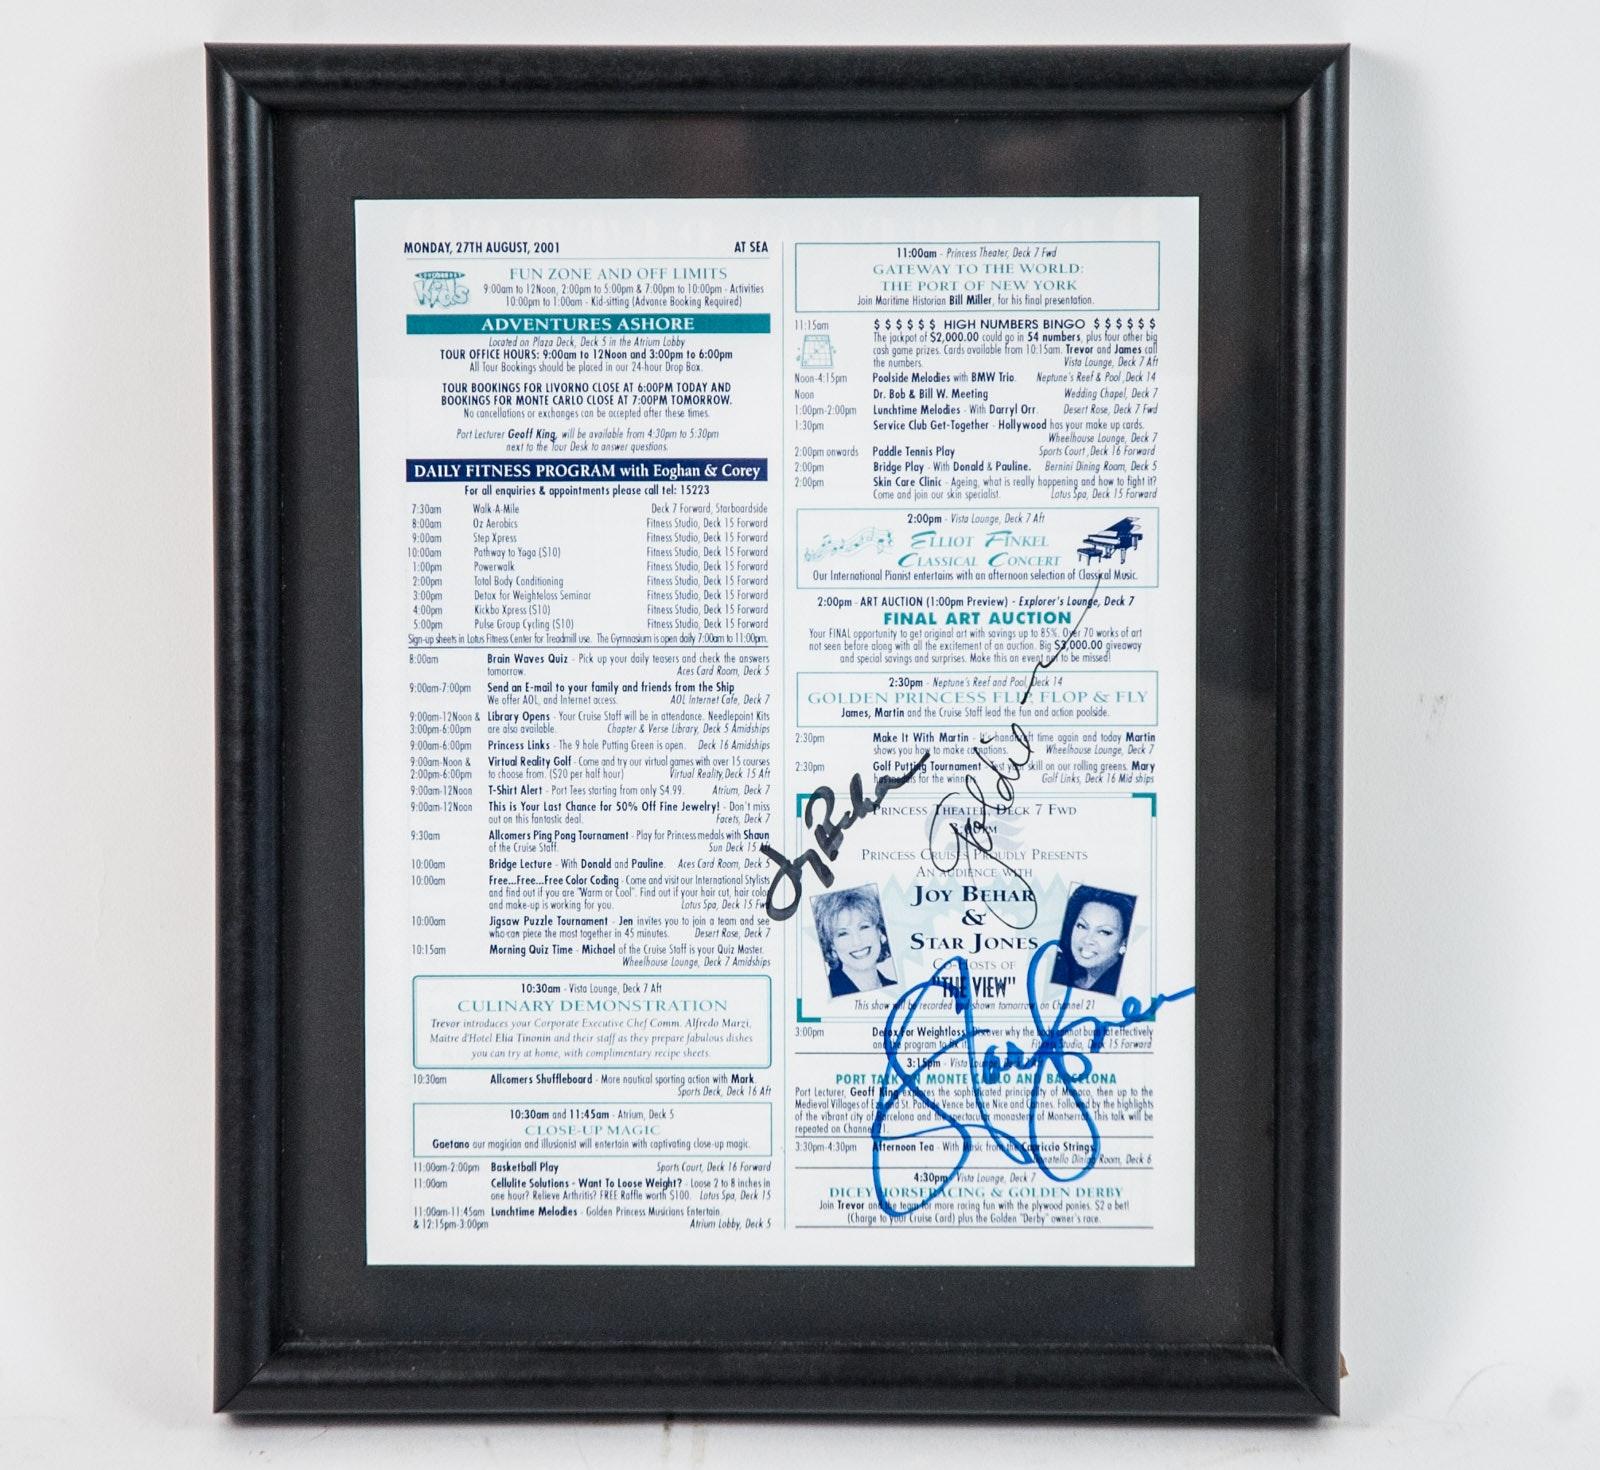 Joy Behar and Star Jones Autographs